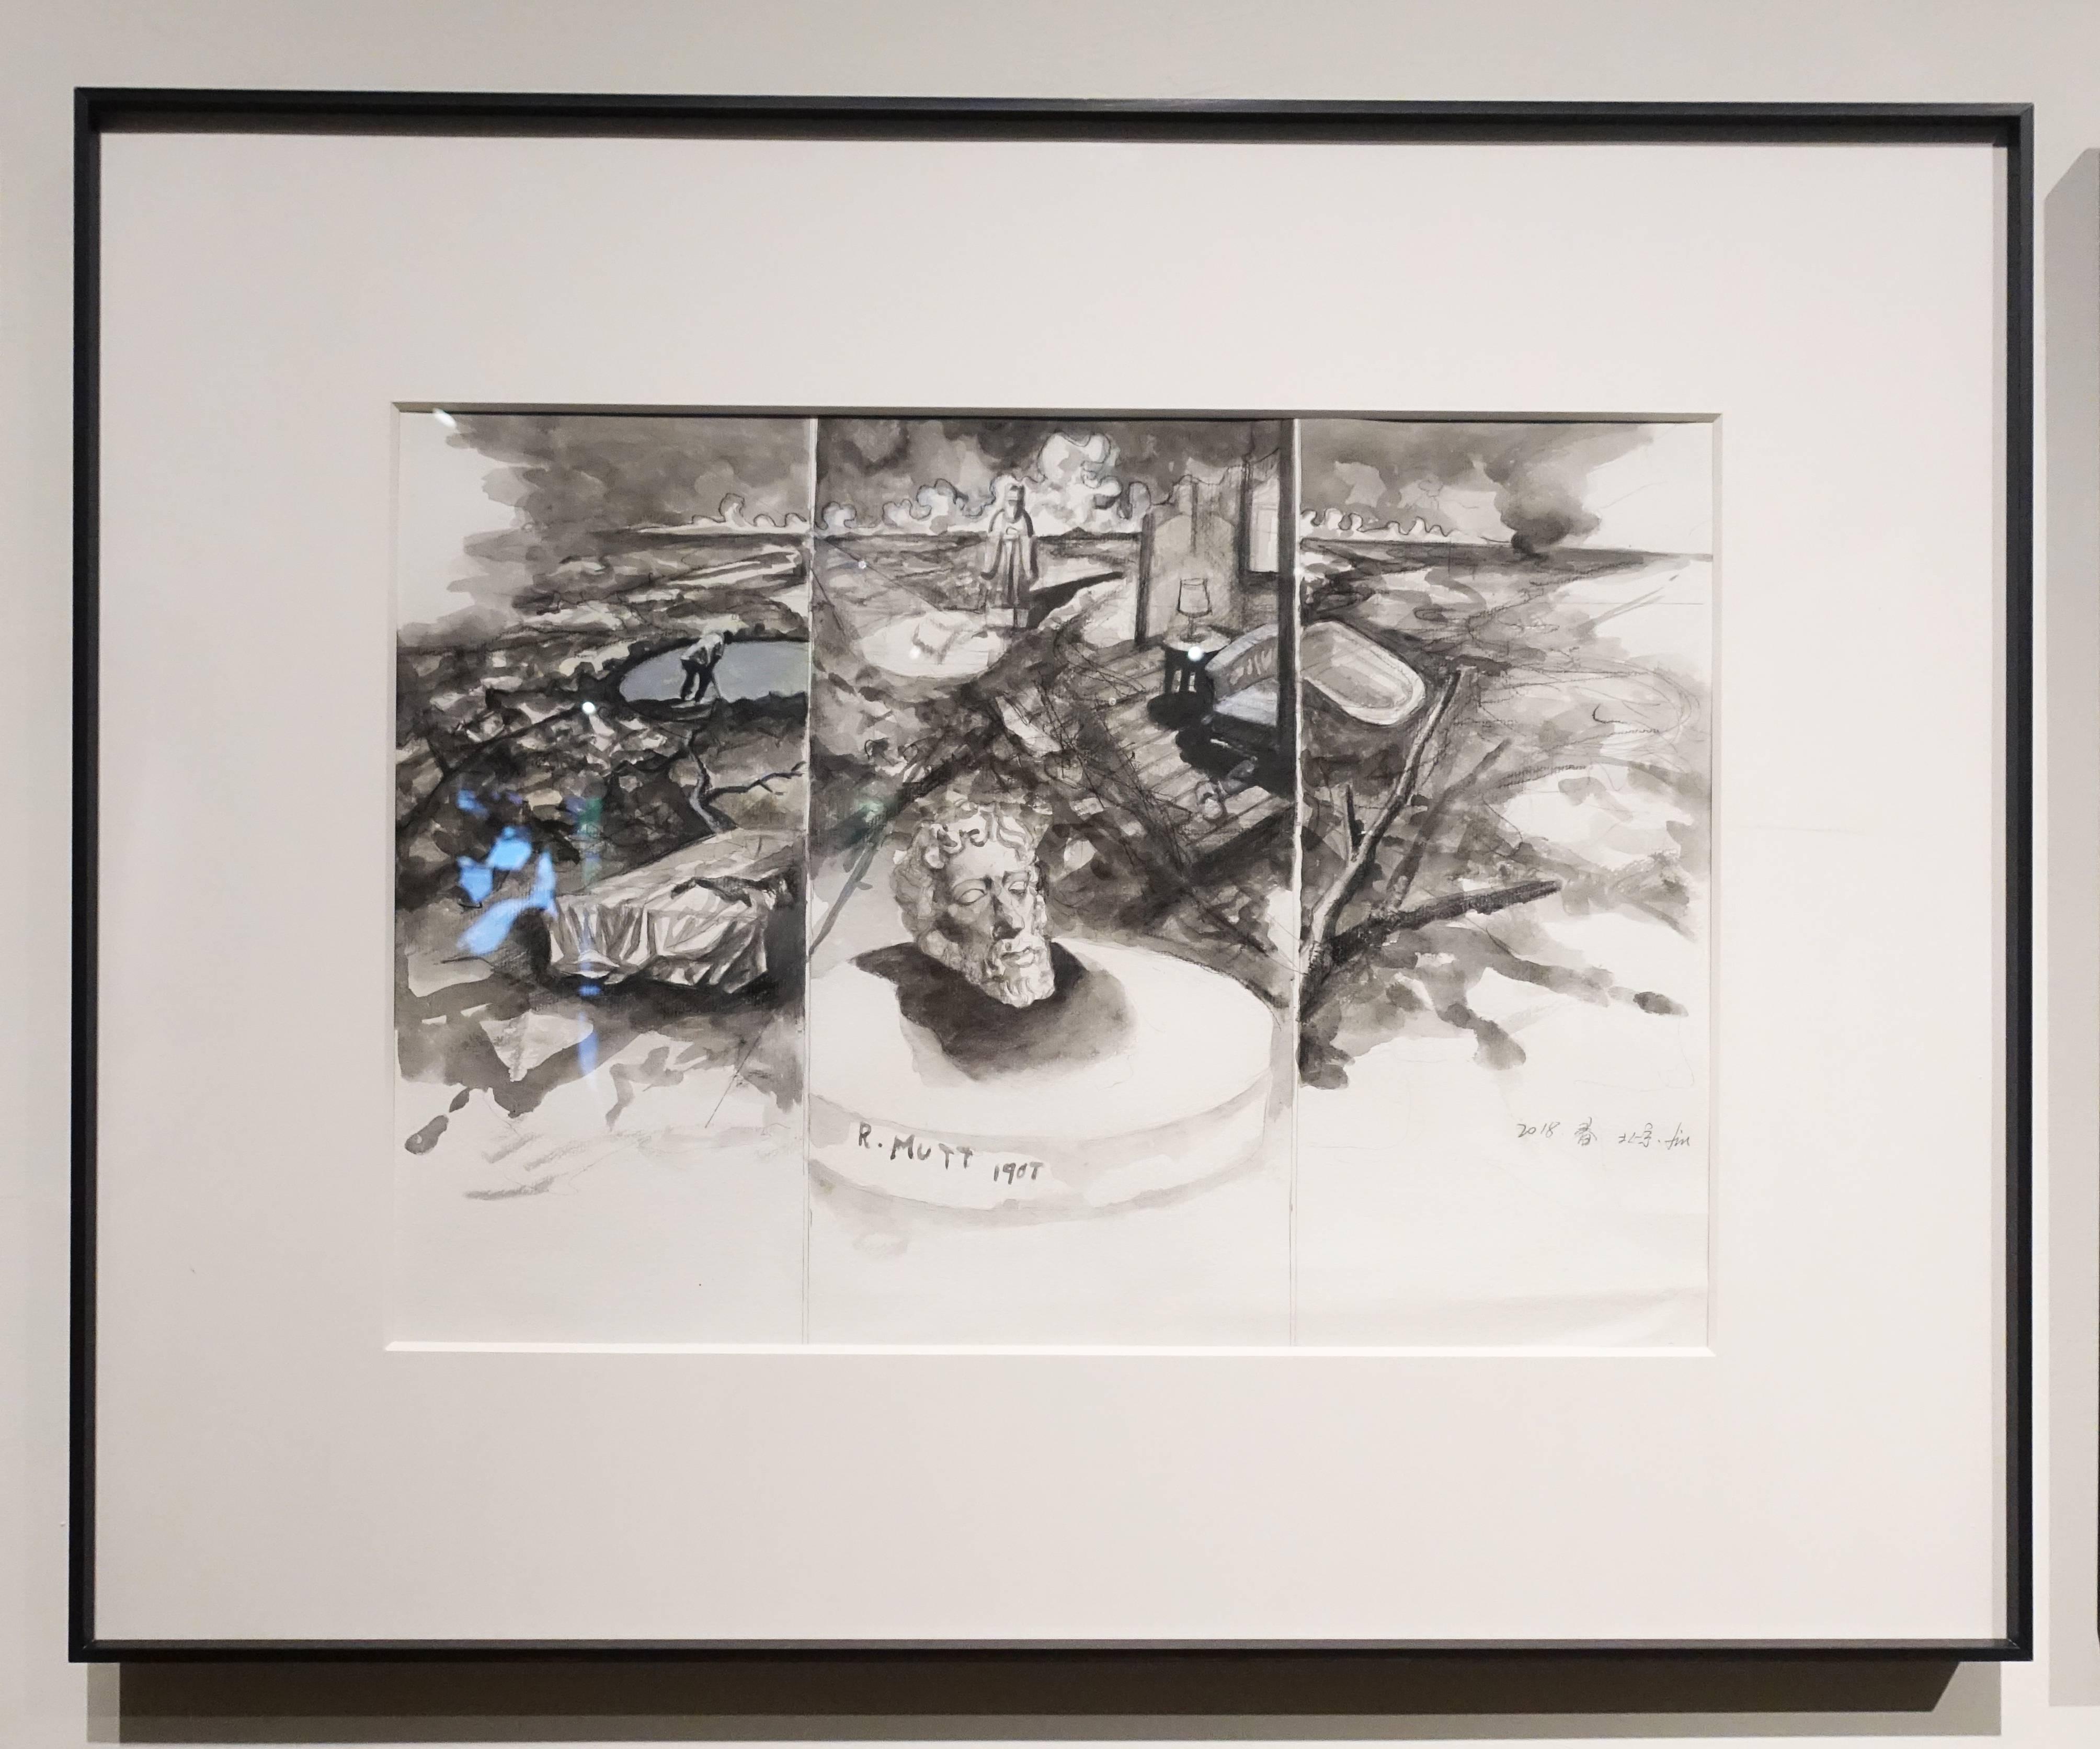 劉芯濤,《無關的風景》,39 x 54 cm,紙本作品,2018。